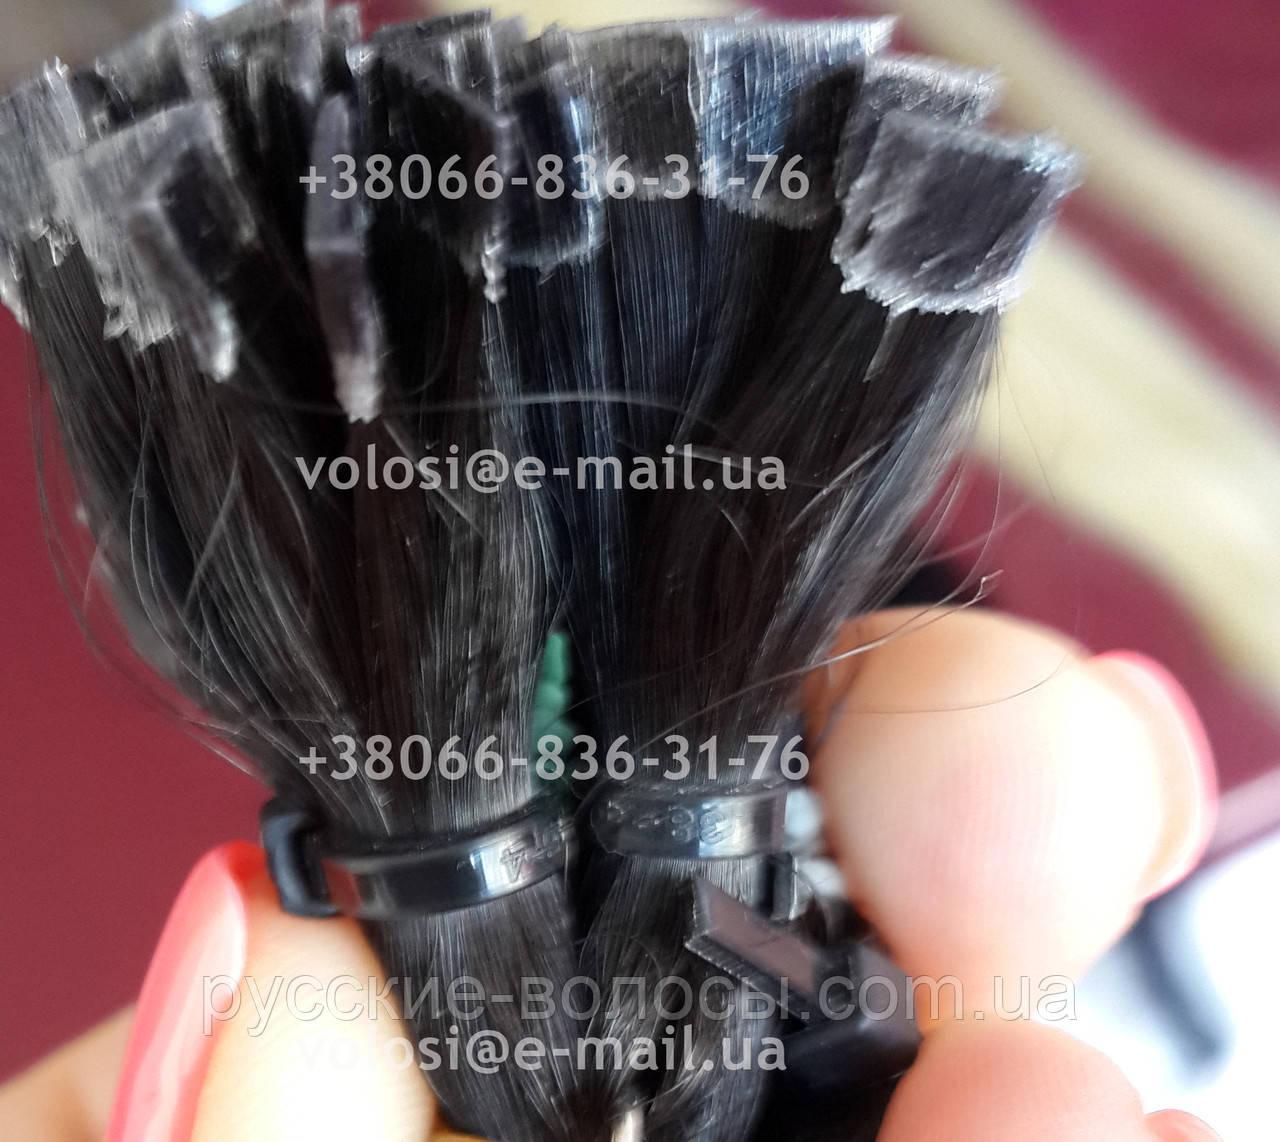 Щипцы для наращивания волос где купить